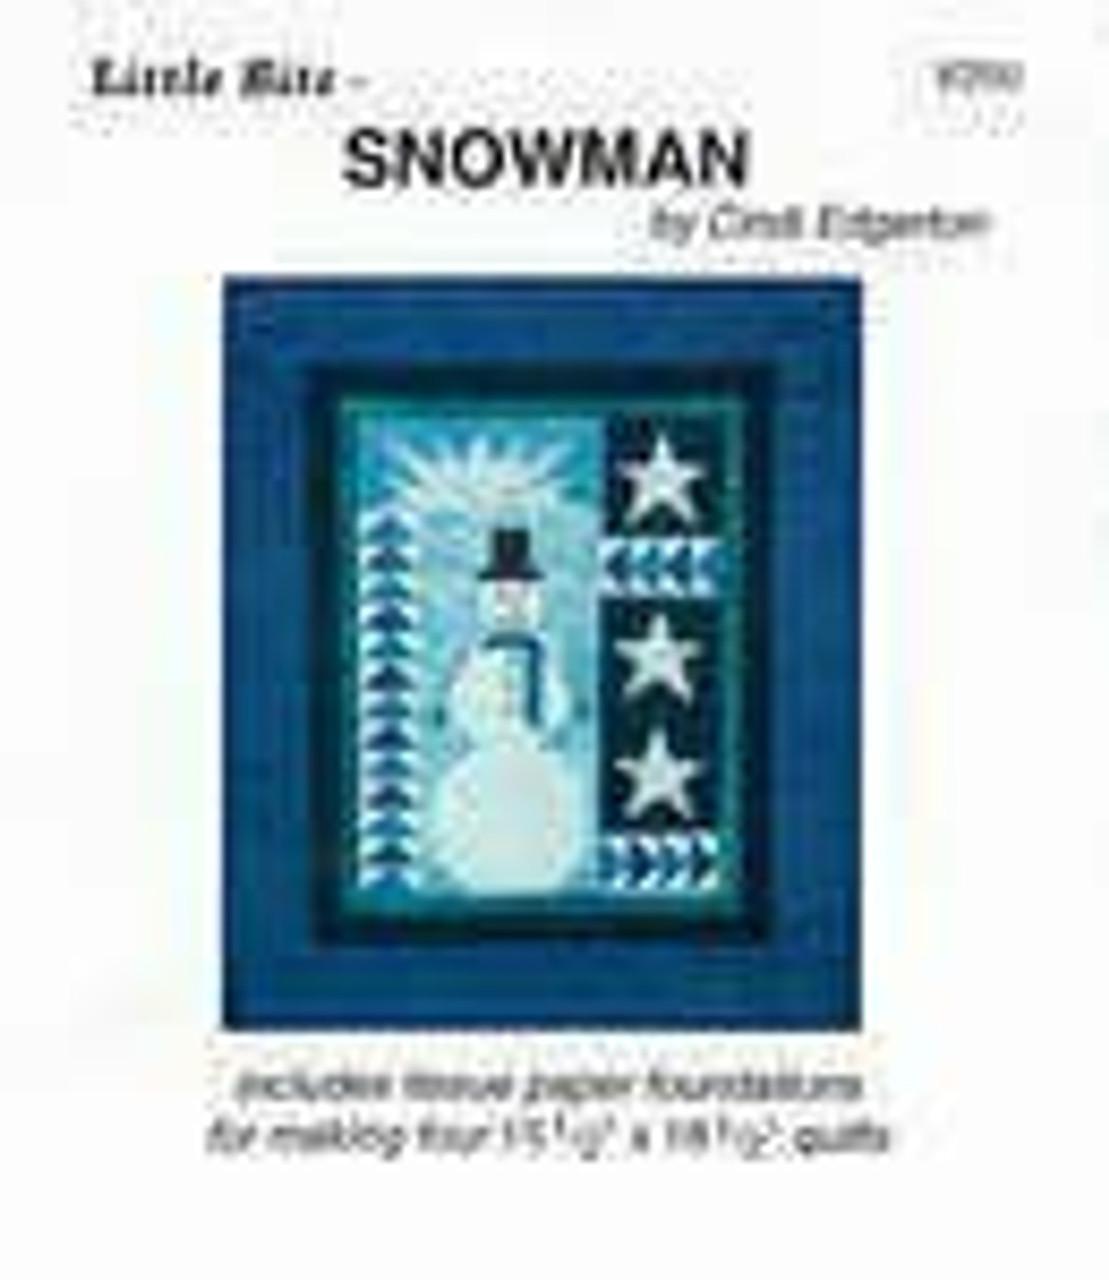 Little Bits Snowman